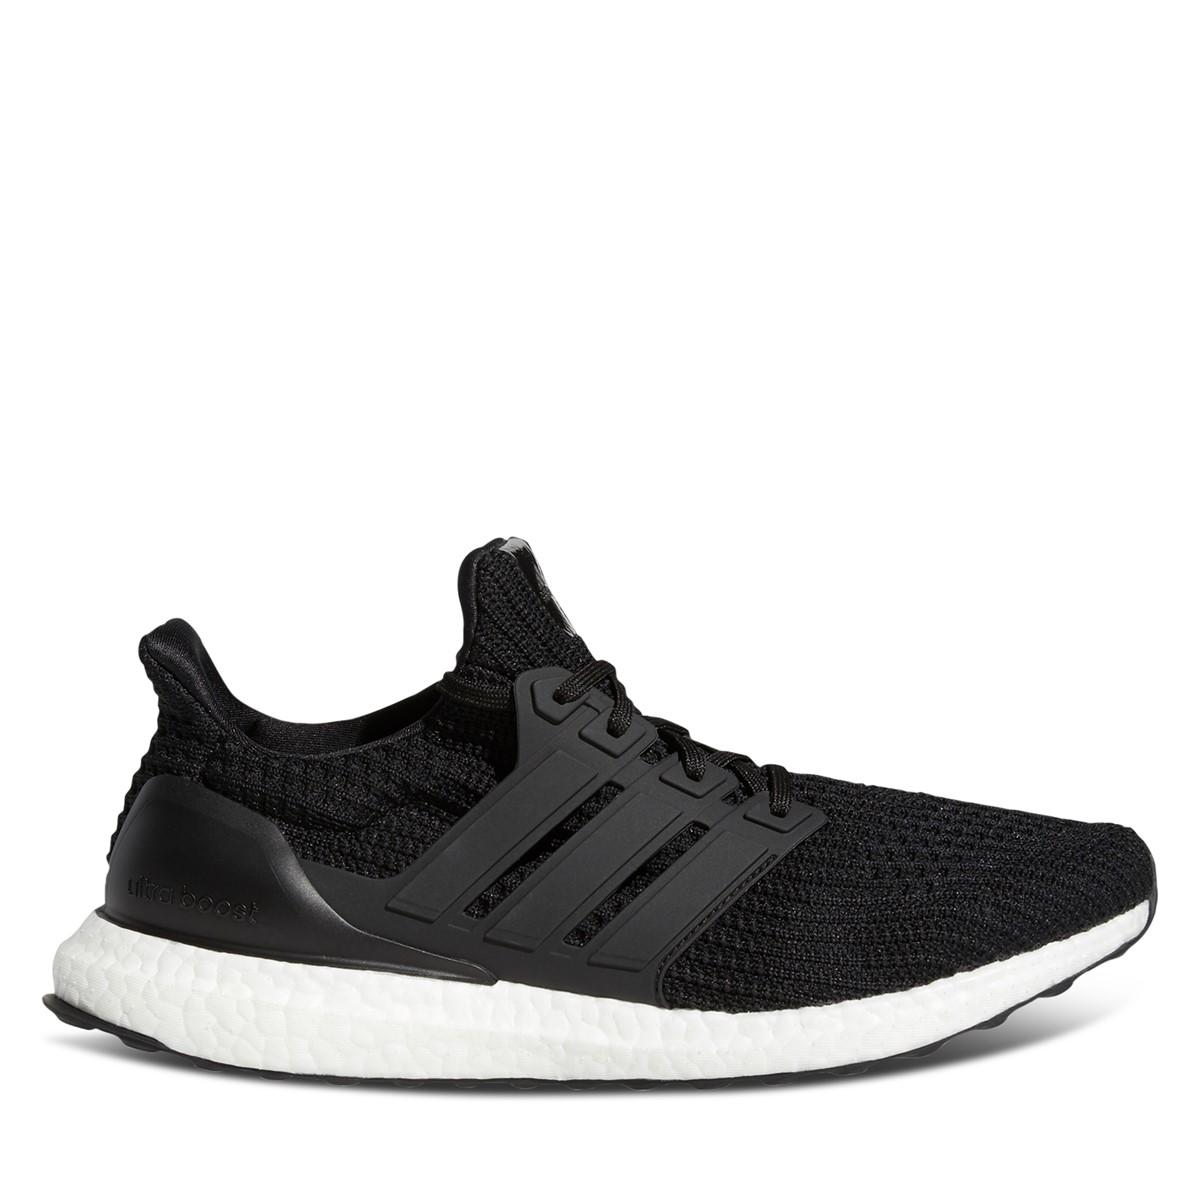 Men's Ultraboost DNA Sneakers in Black/White